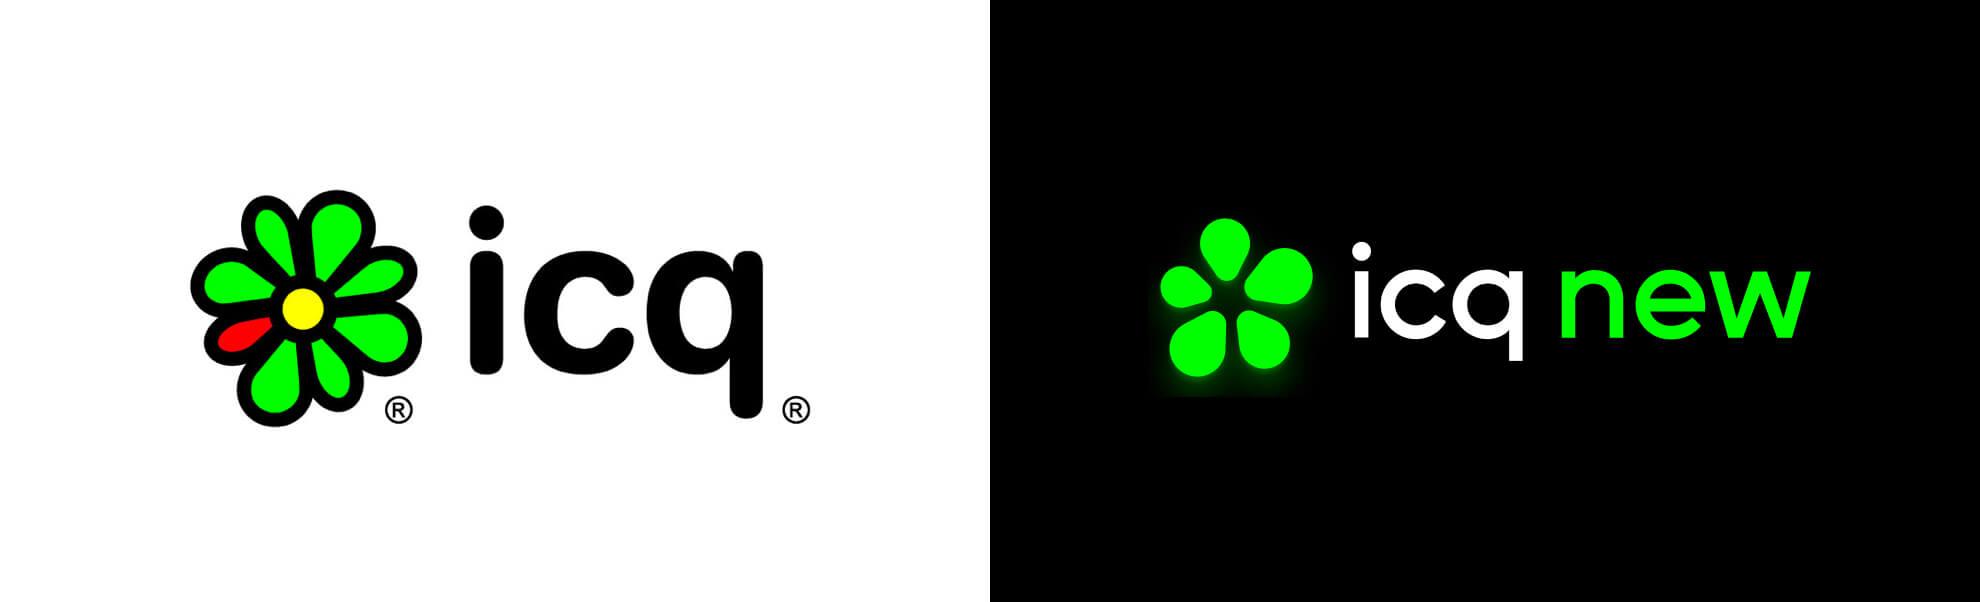 icq znowym logo